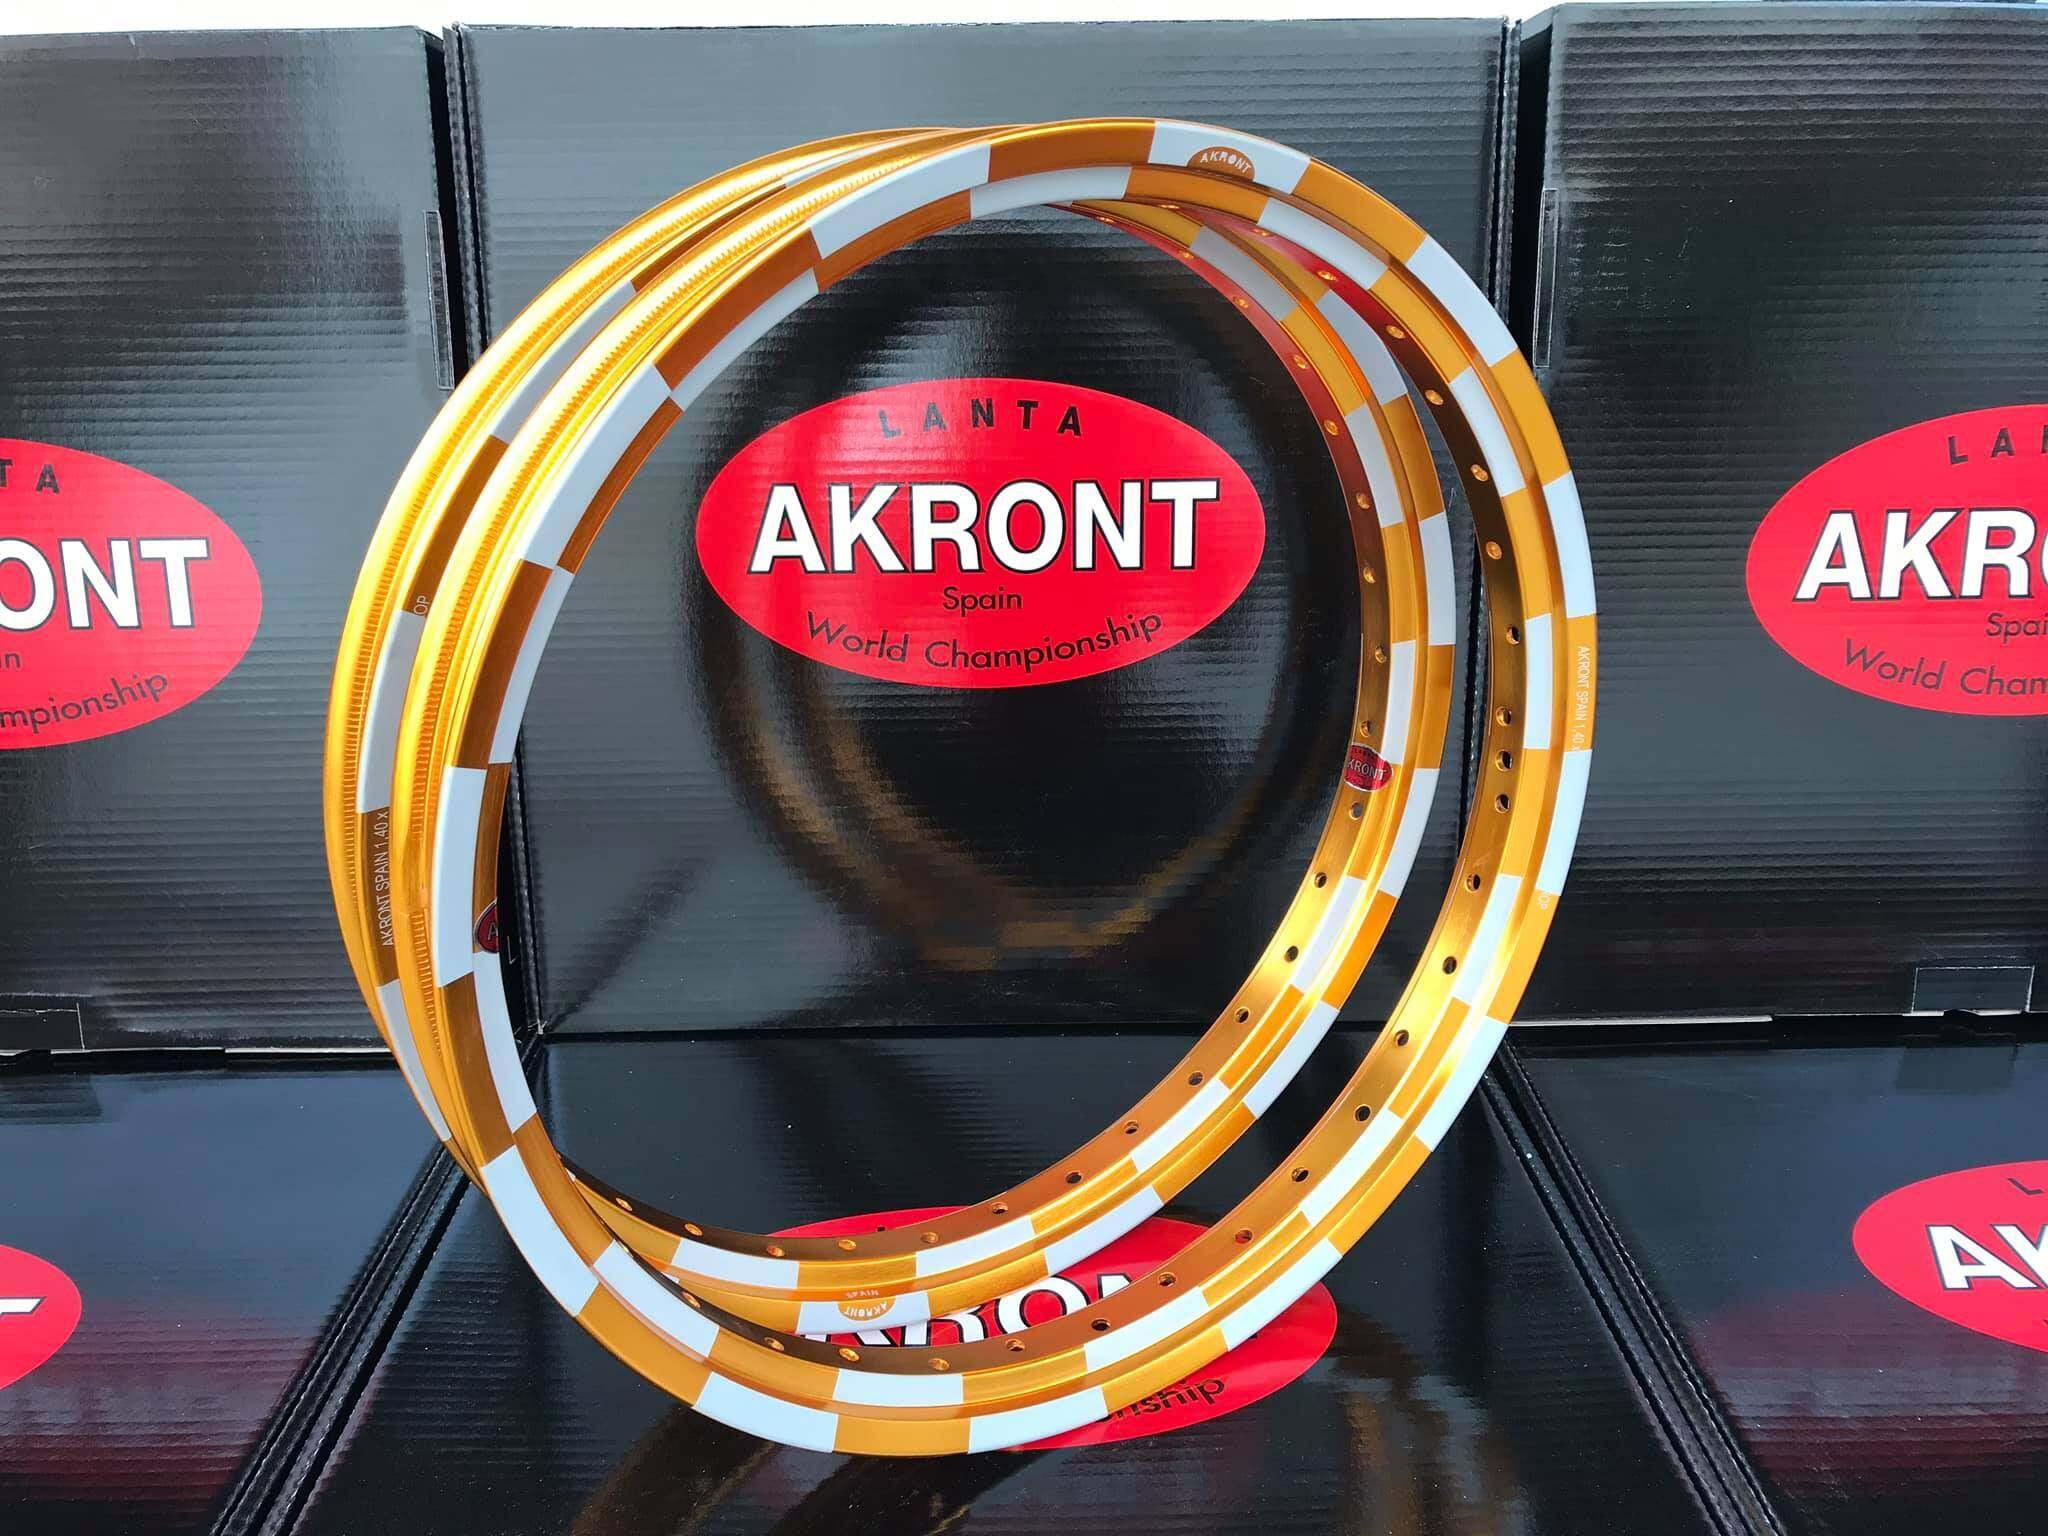 โปรโมชั่น วงล้อ ขอบ17 x1.40 ล้อ อาก้อน AKRONT หมากรุก 1.40-17 ทอง ทองเข้ม ทองอาก้อน น้ำเงิน ล้อแข็ง ของแต่งเวฟ ดรีม โซนิค l PTM Racing